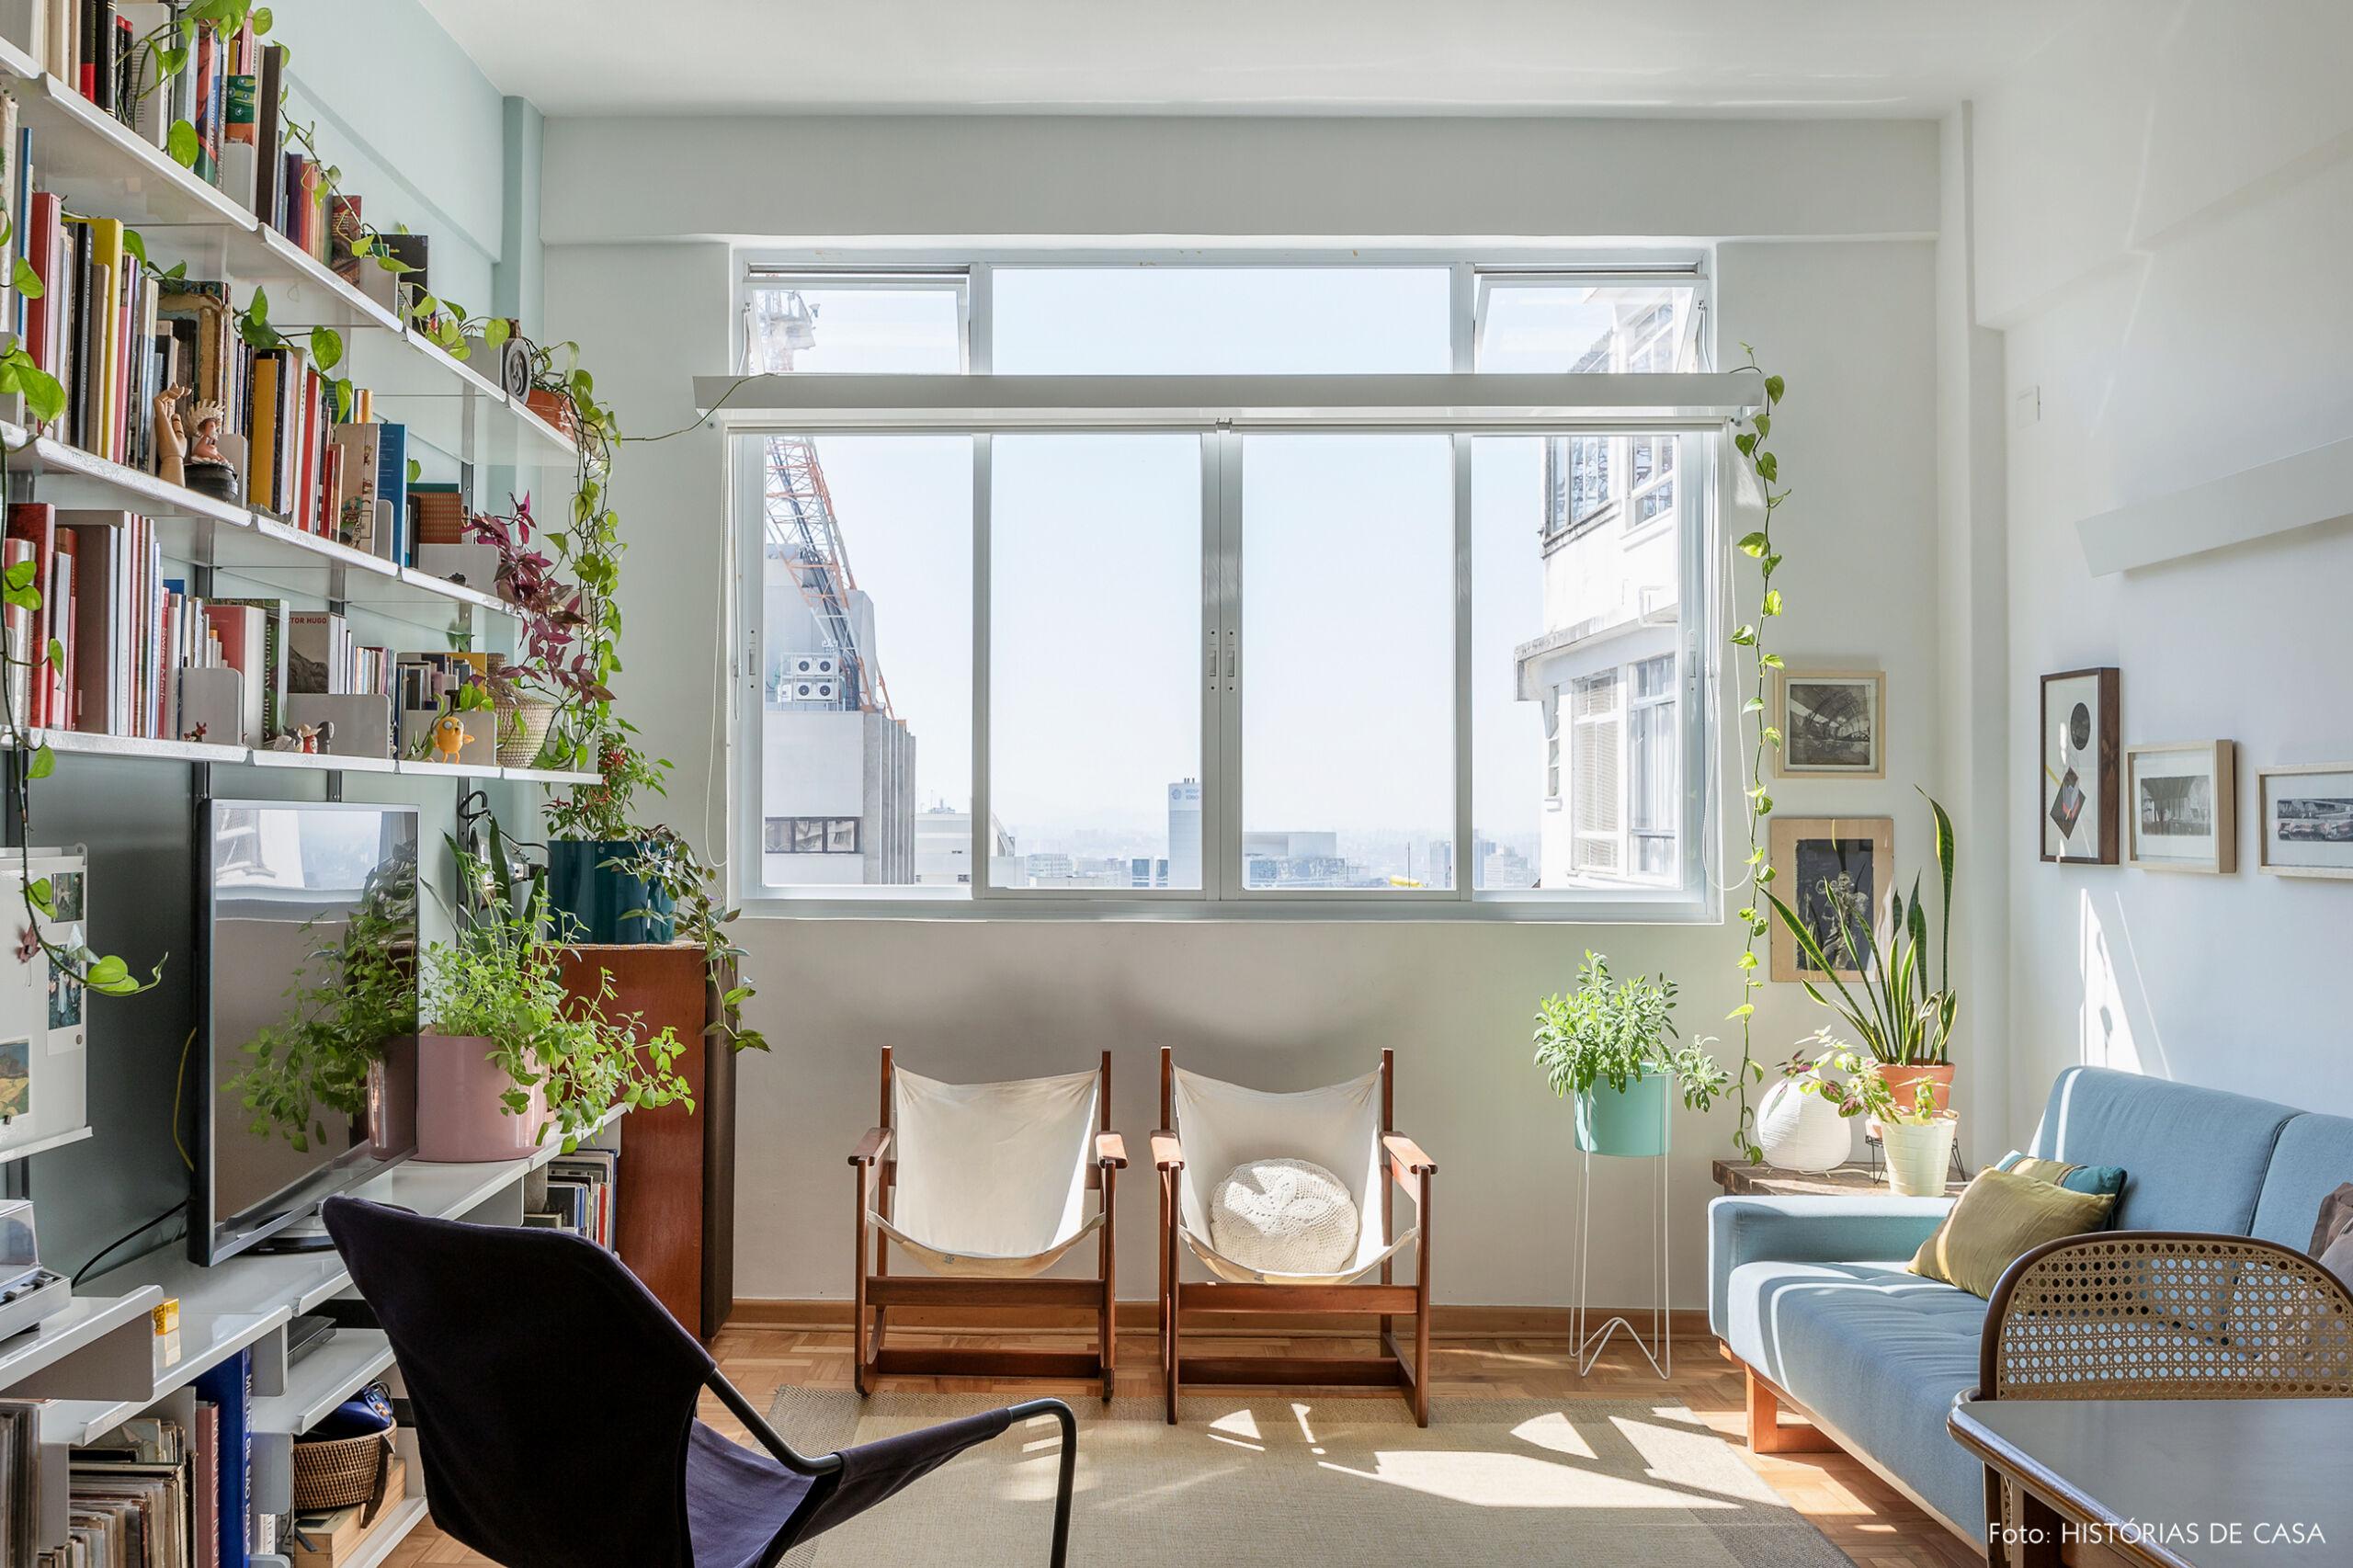 Sala pequena com sofá colorido e muitas plantas